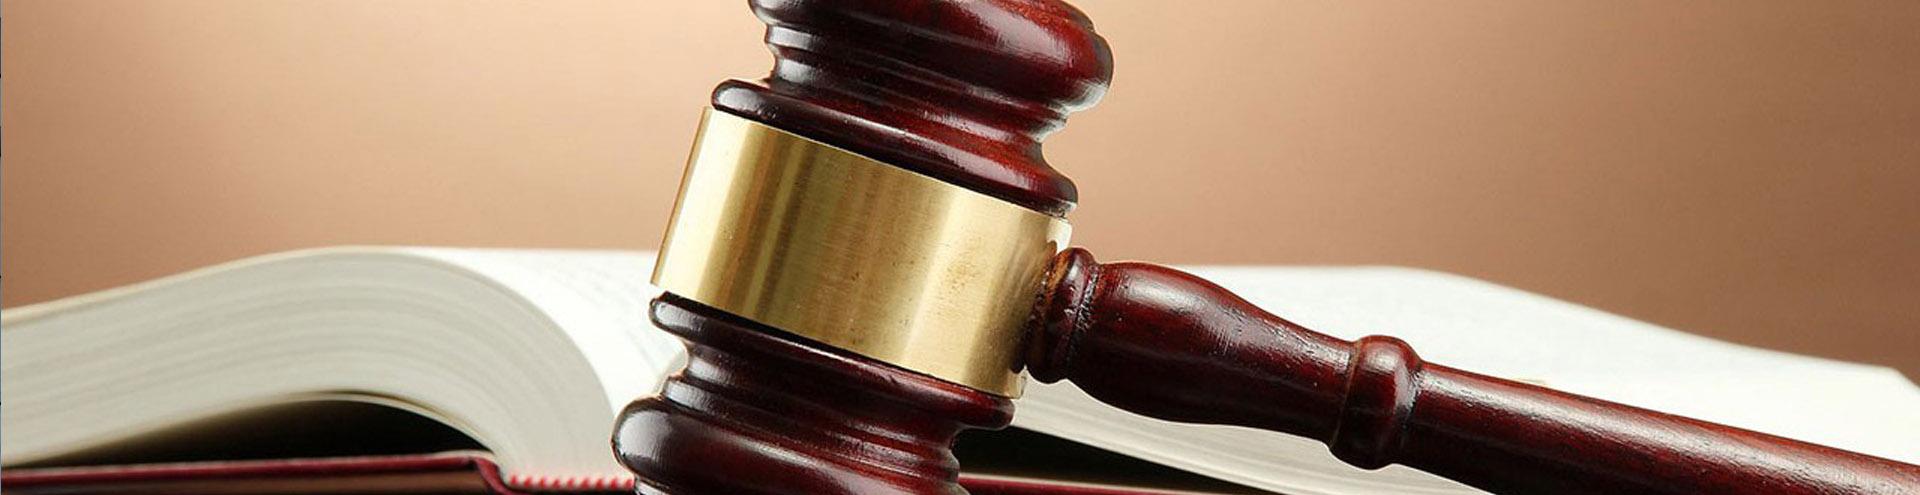 Подготовка жалобы, подготовка иска для подачи в суд в Ижевске и Удмуртской Республике